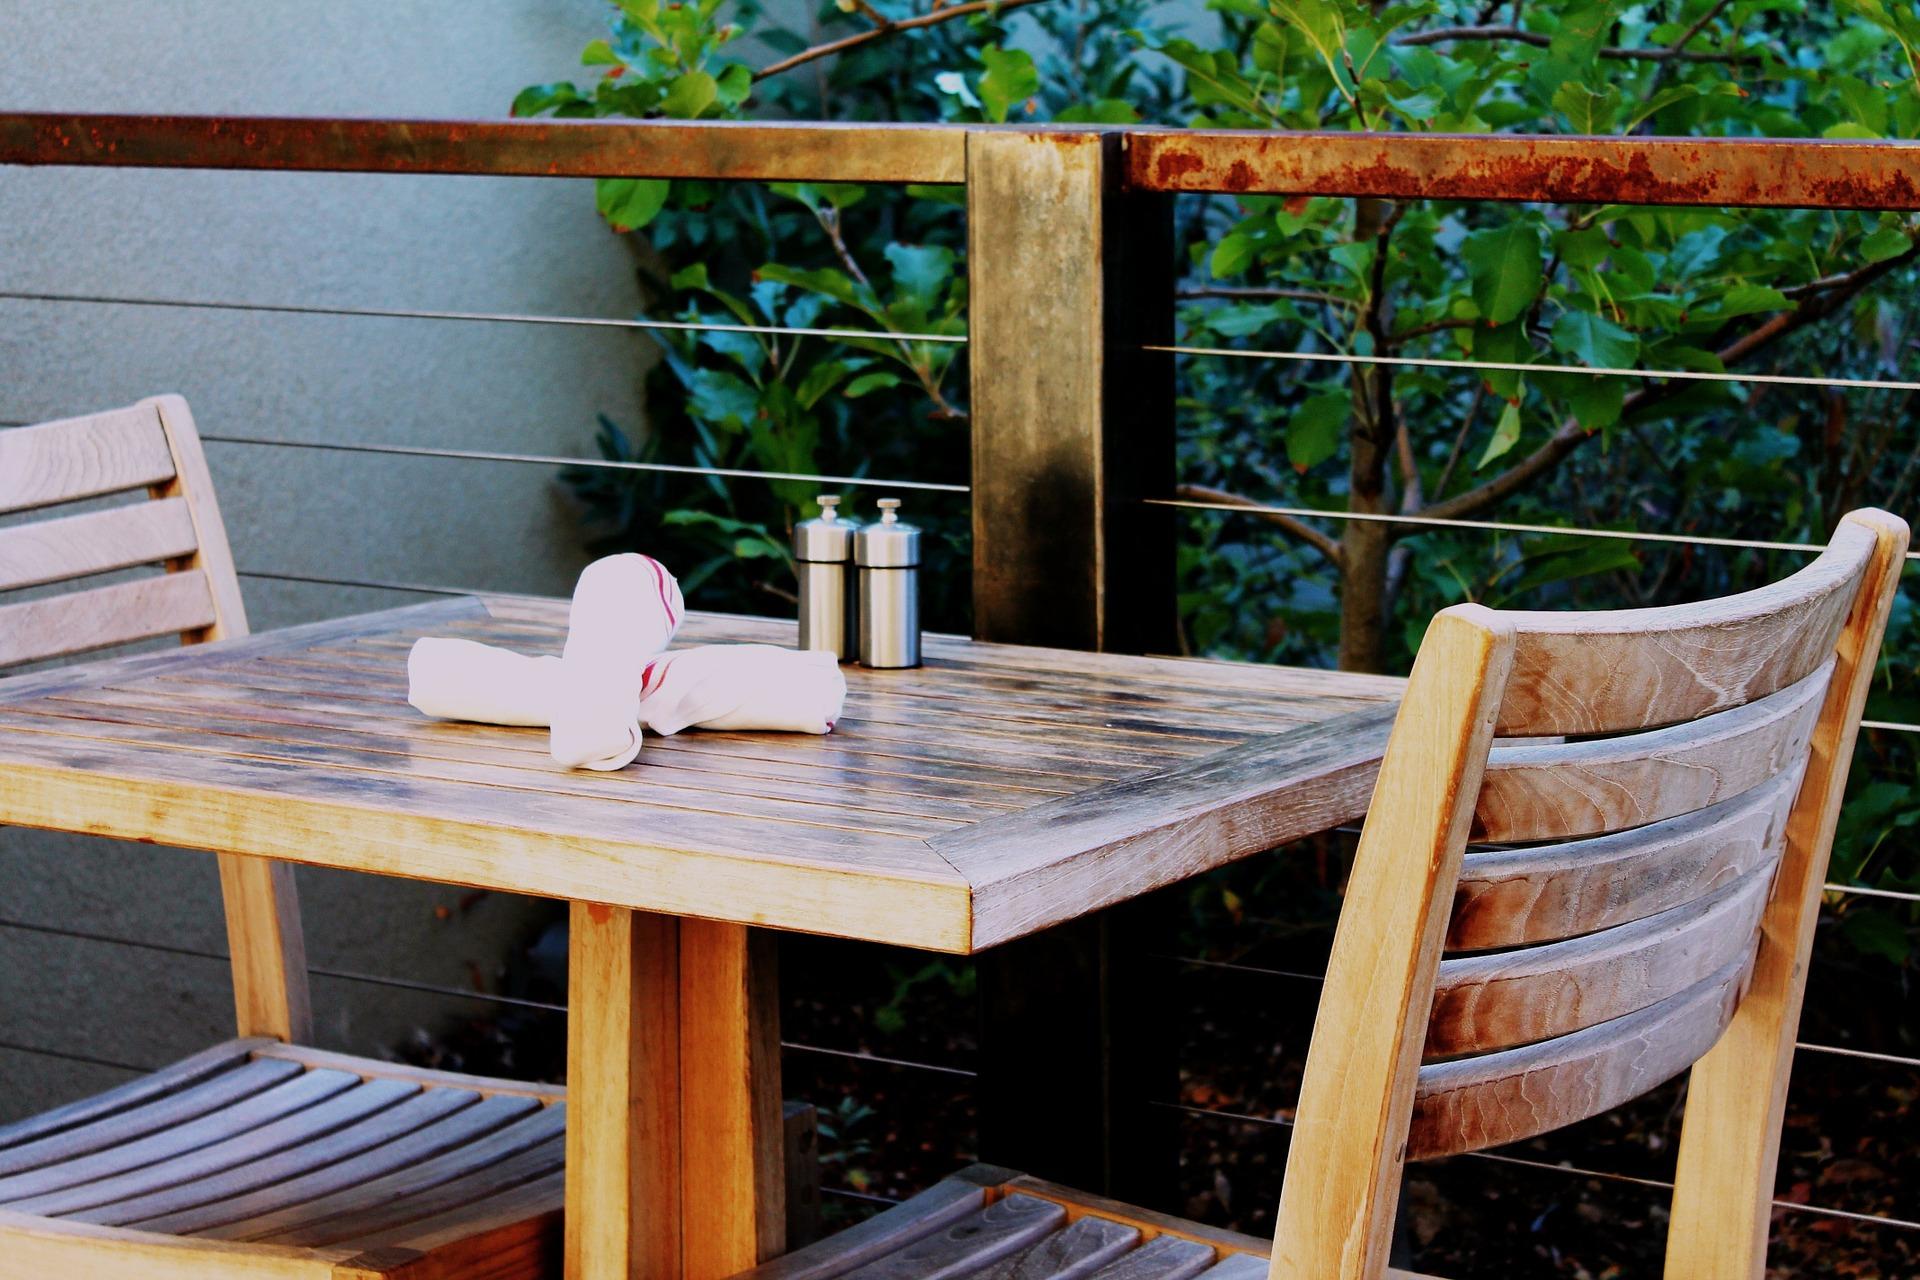 patio-table-1397535_1920.jpg